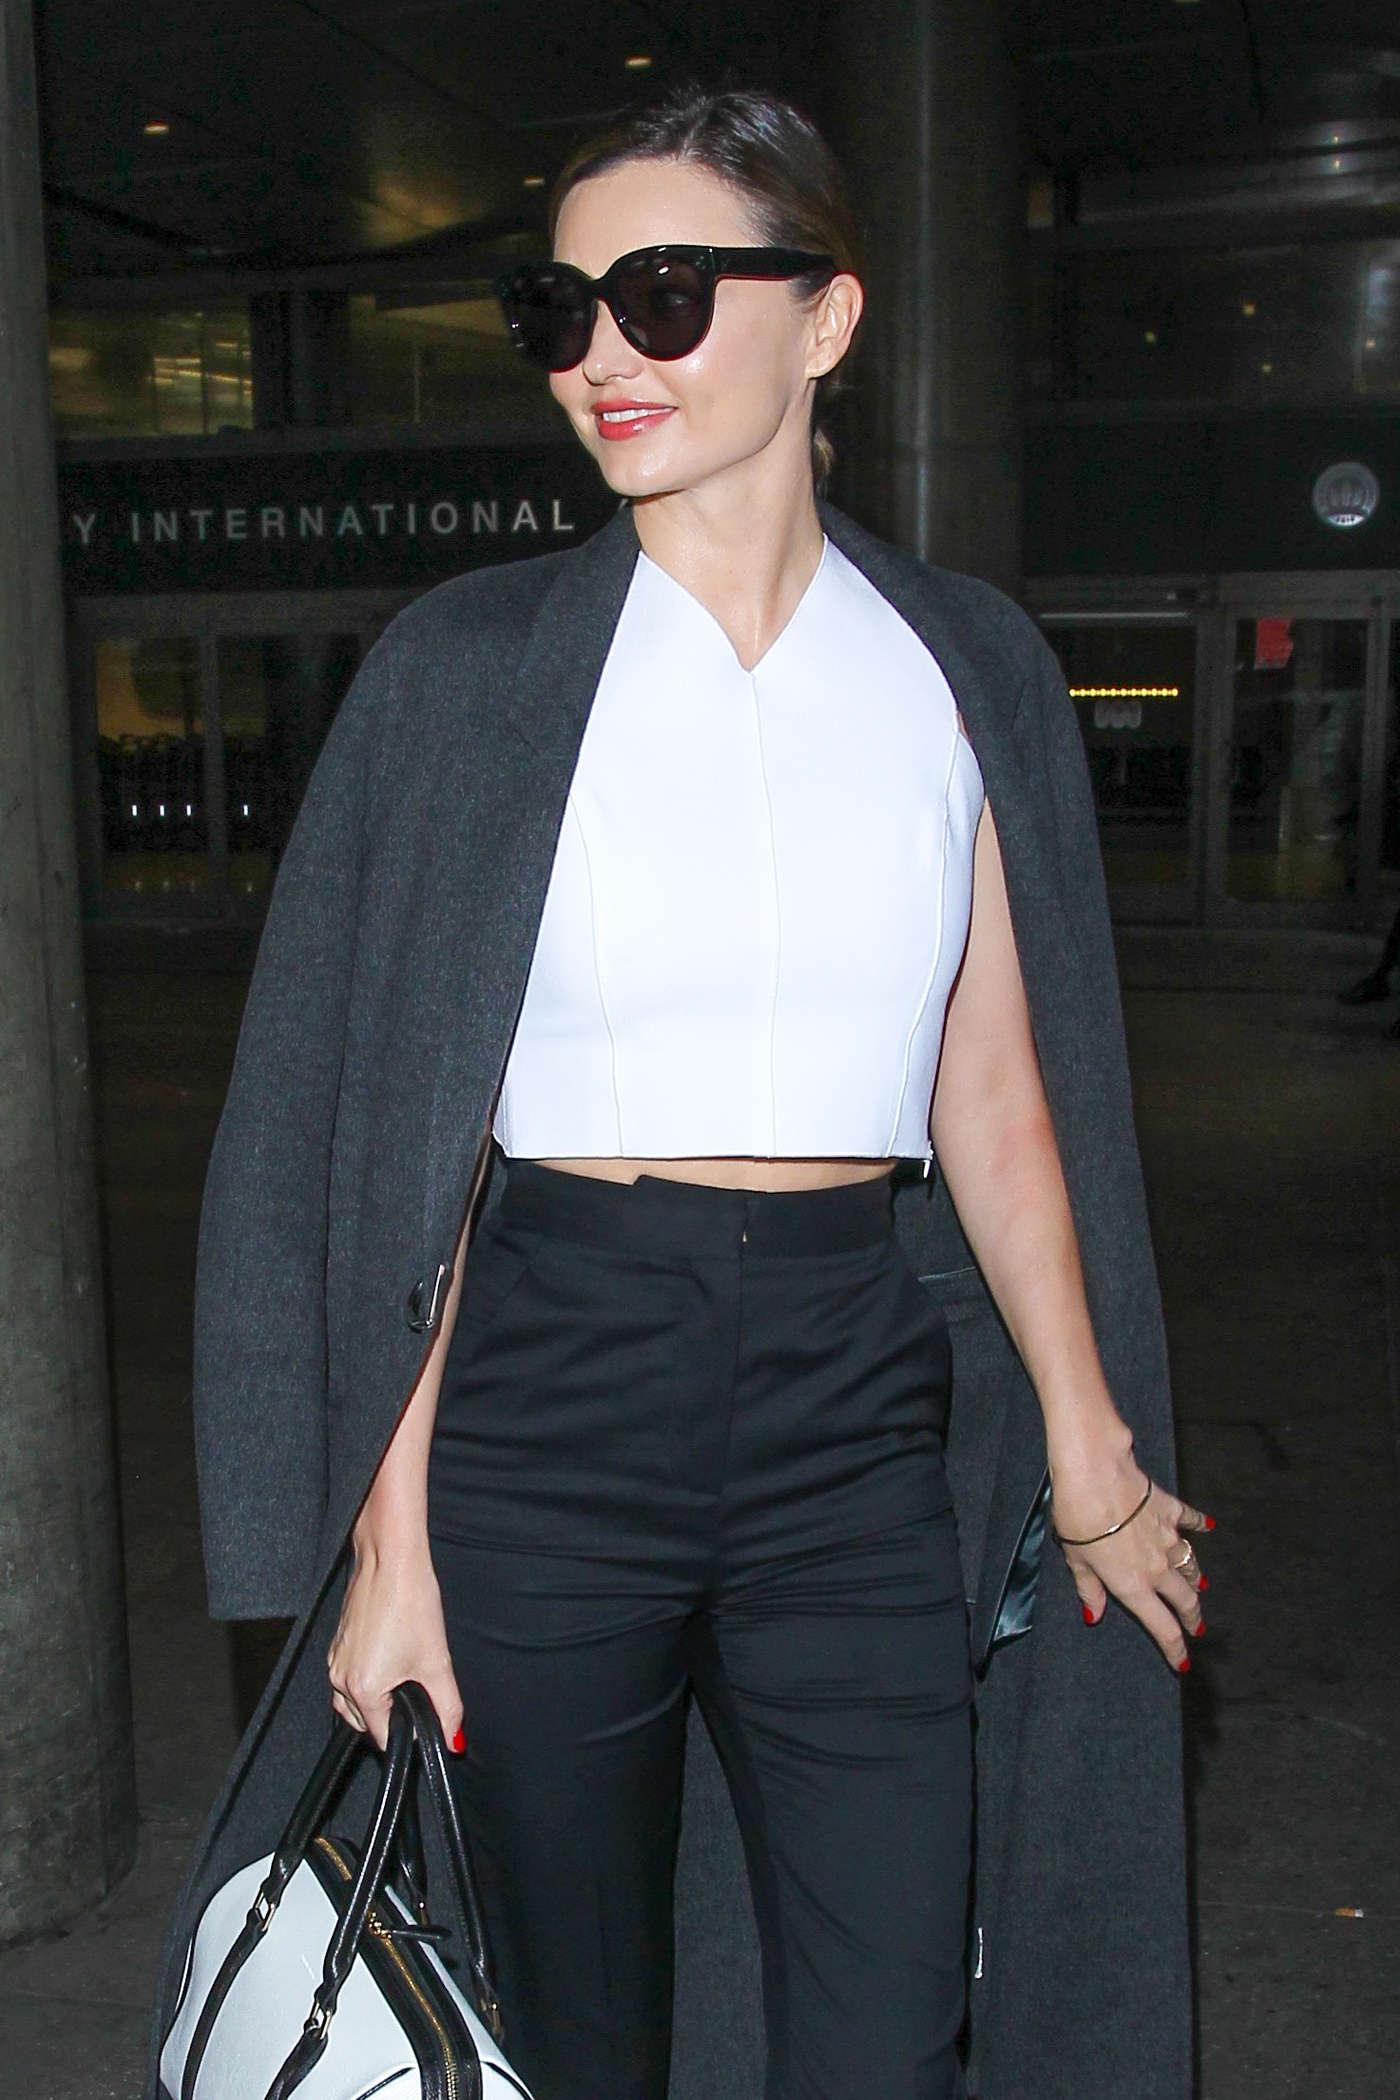 Miranda Kerr 2016 : Miranda Kerr at LAX Airport in LA -15